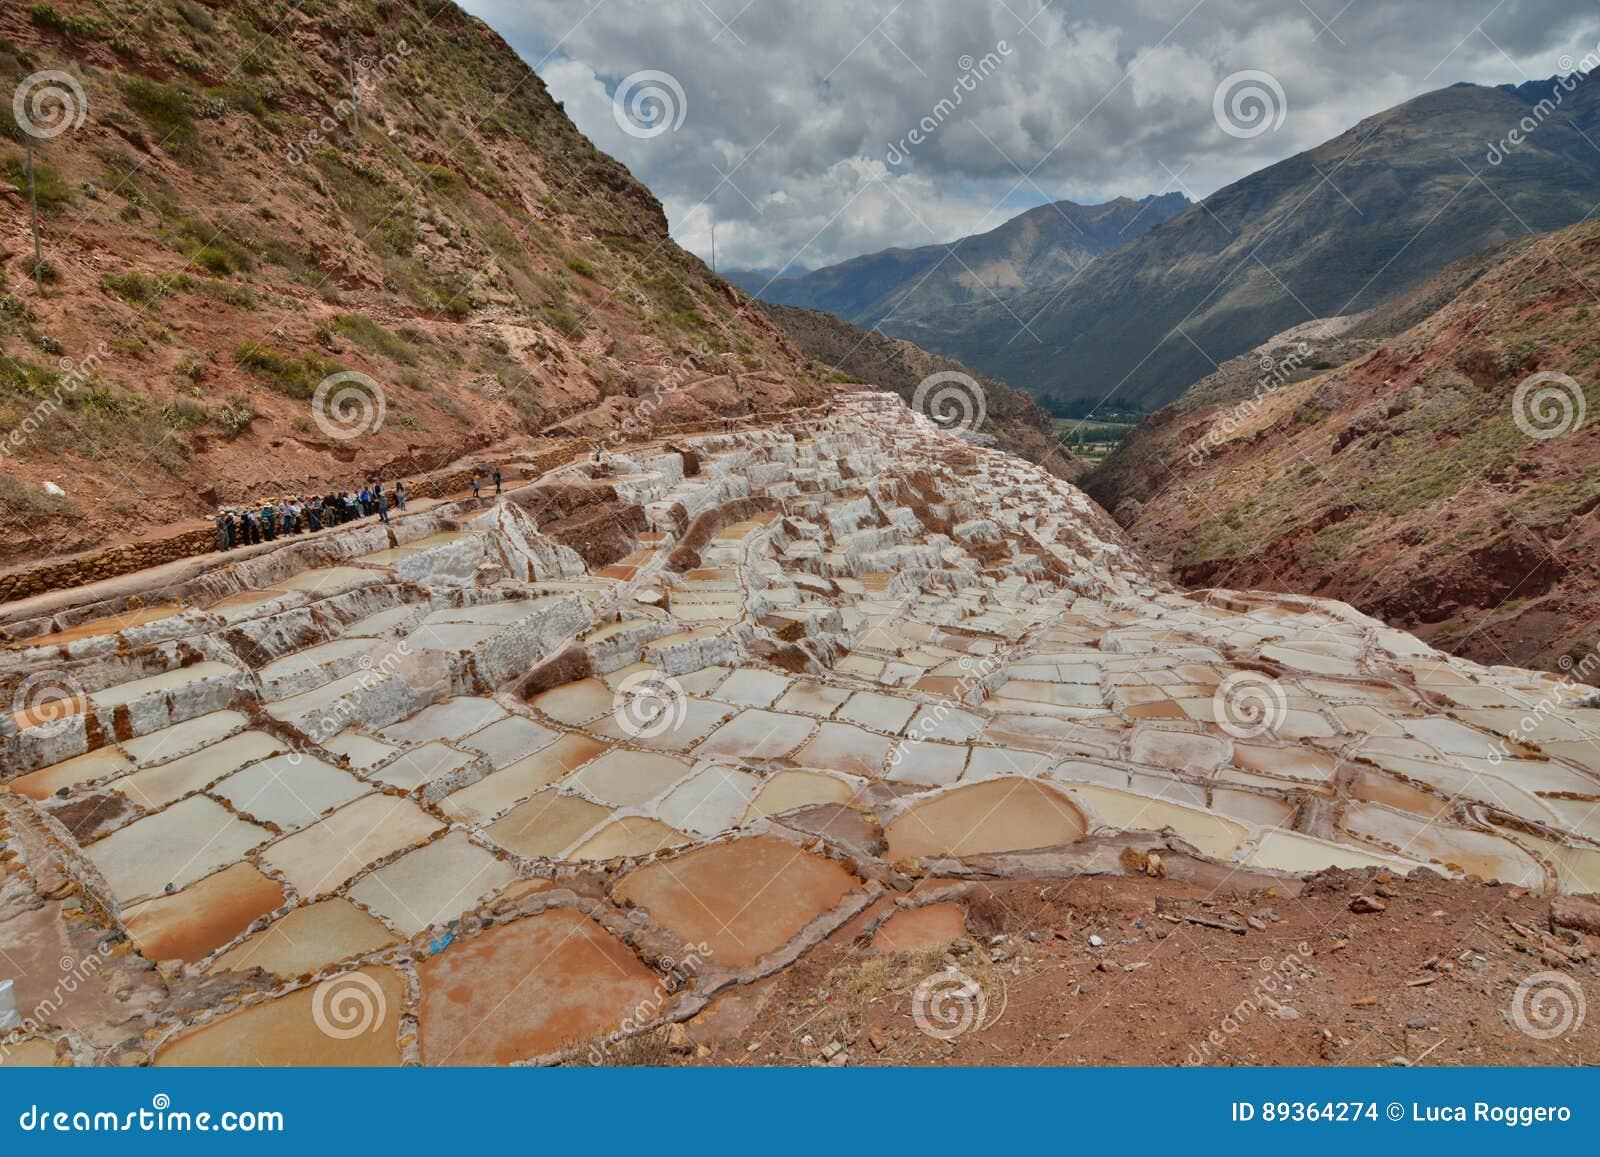 盐蒸发池塘 Maras 神圣的谷 库斯科地区 秘鲁